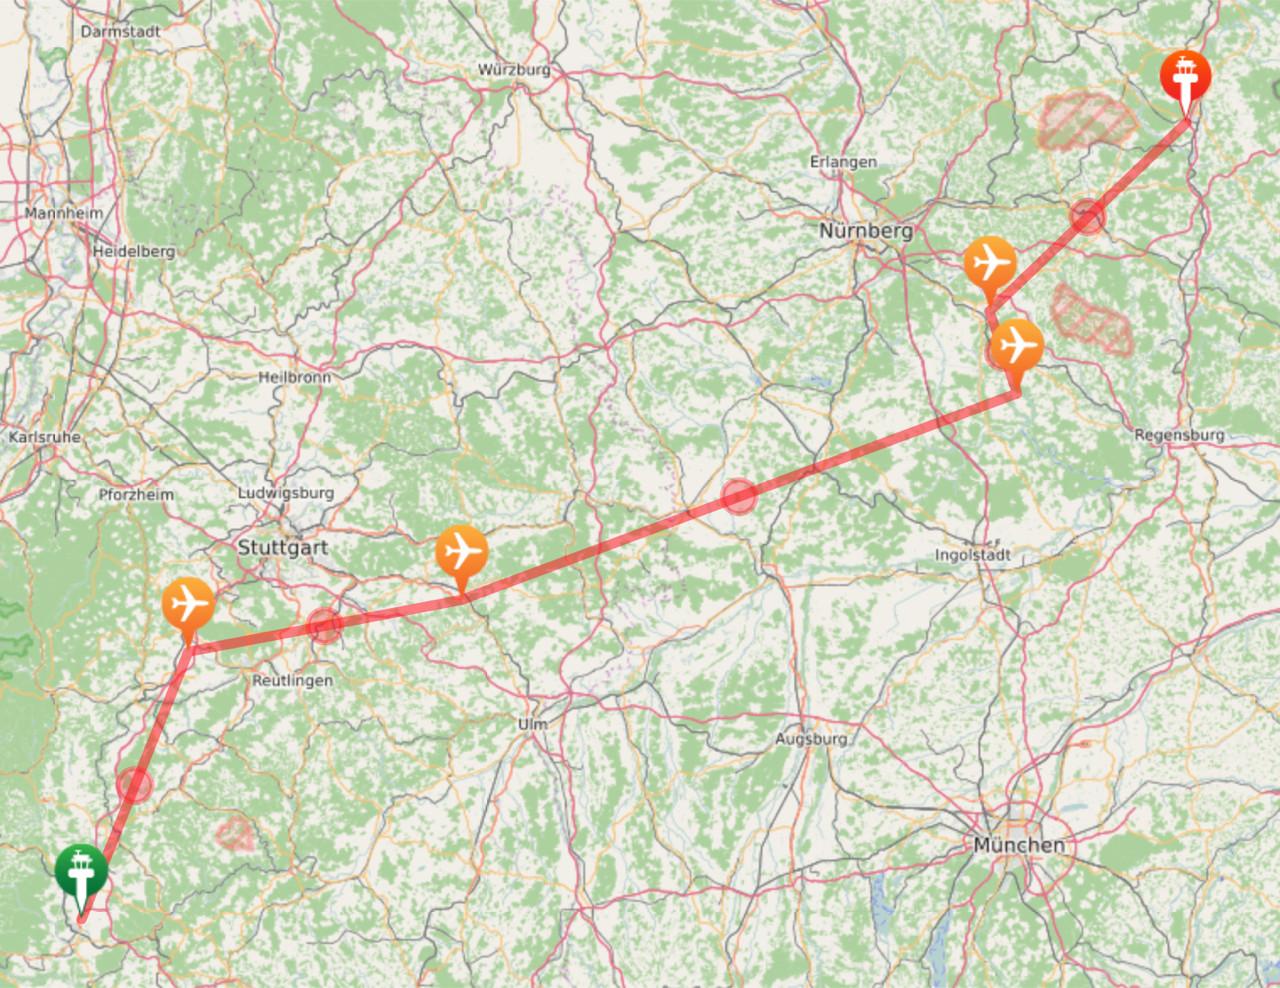 Tatsaechliche Route